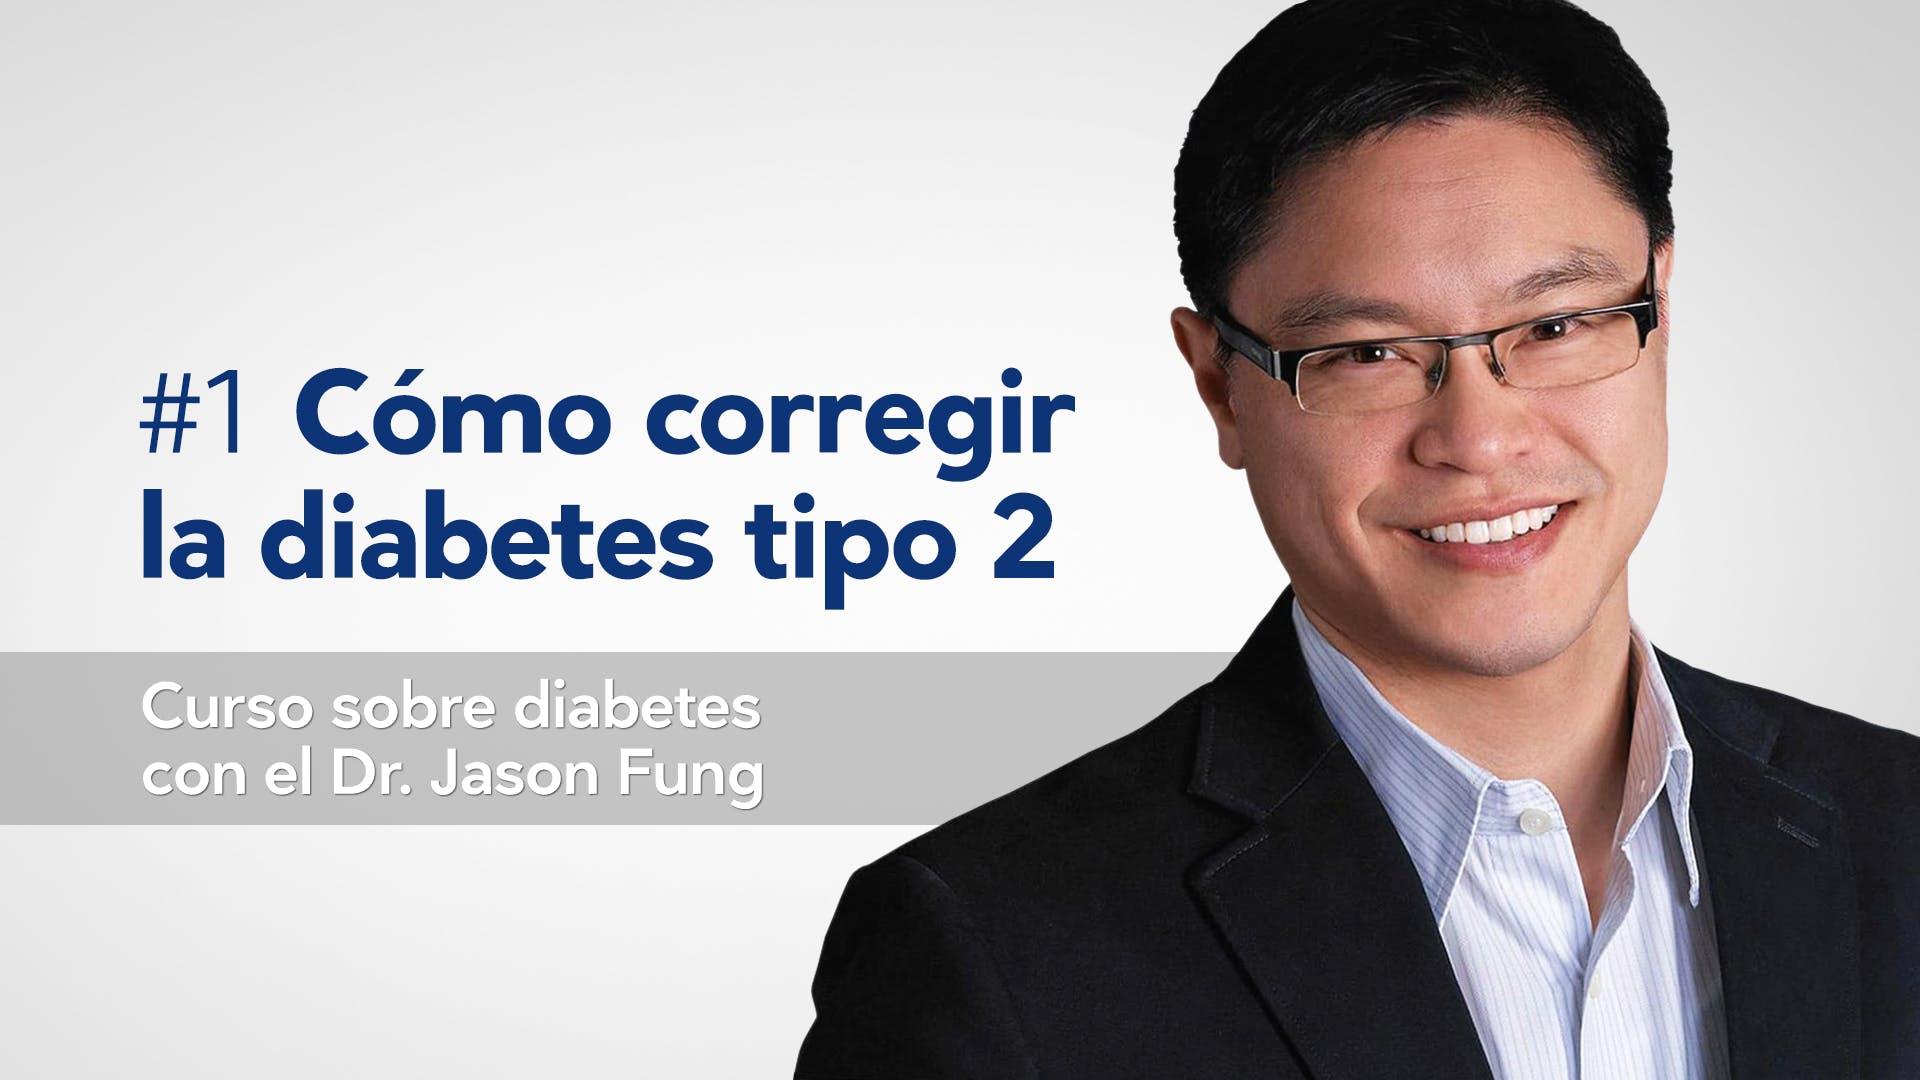 Cómo corregir la diabetes de tipo 2, curso en video